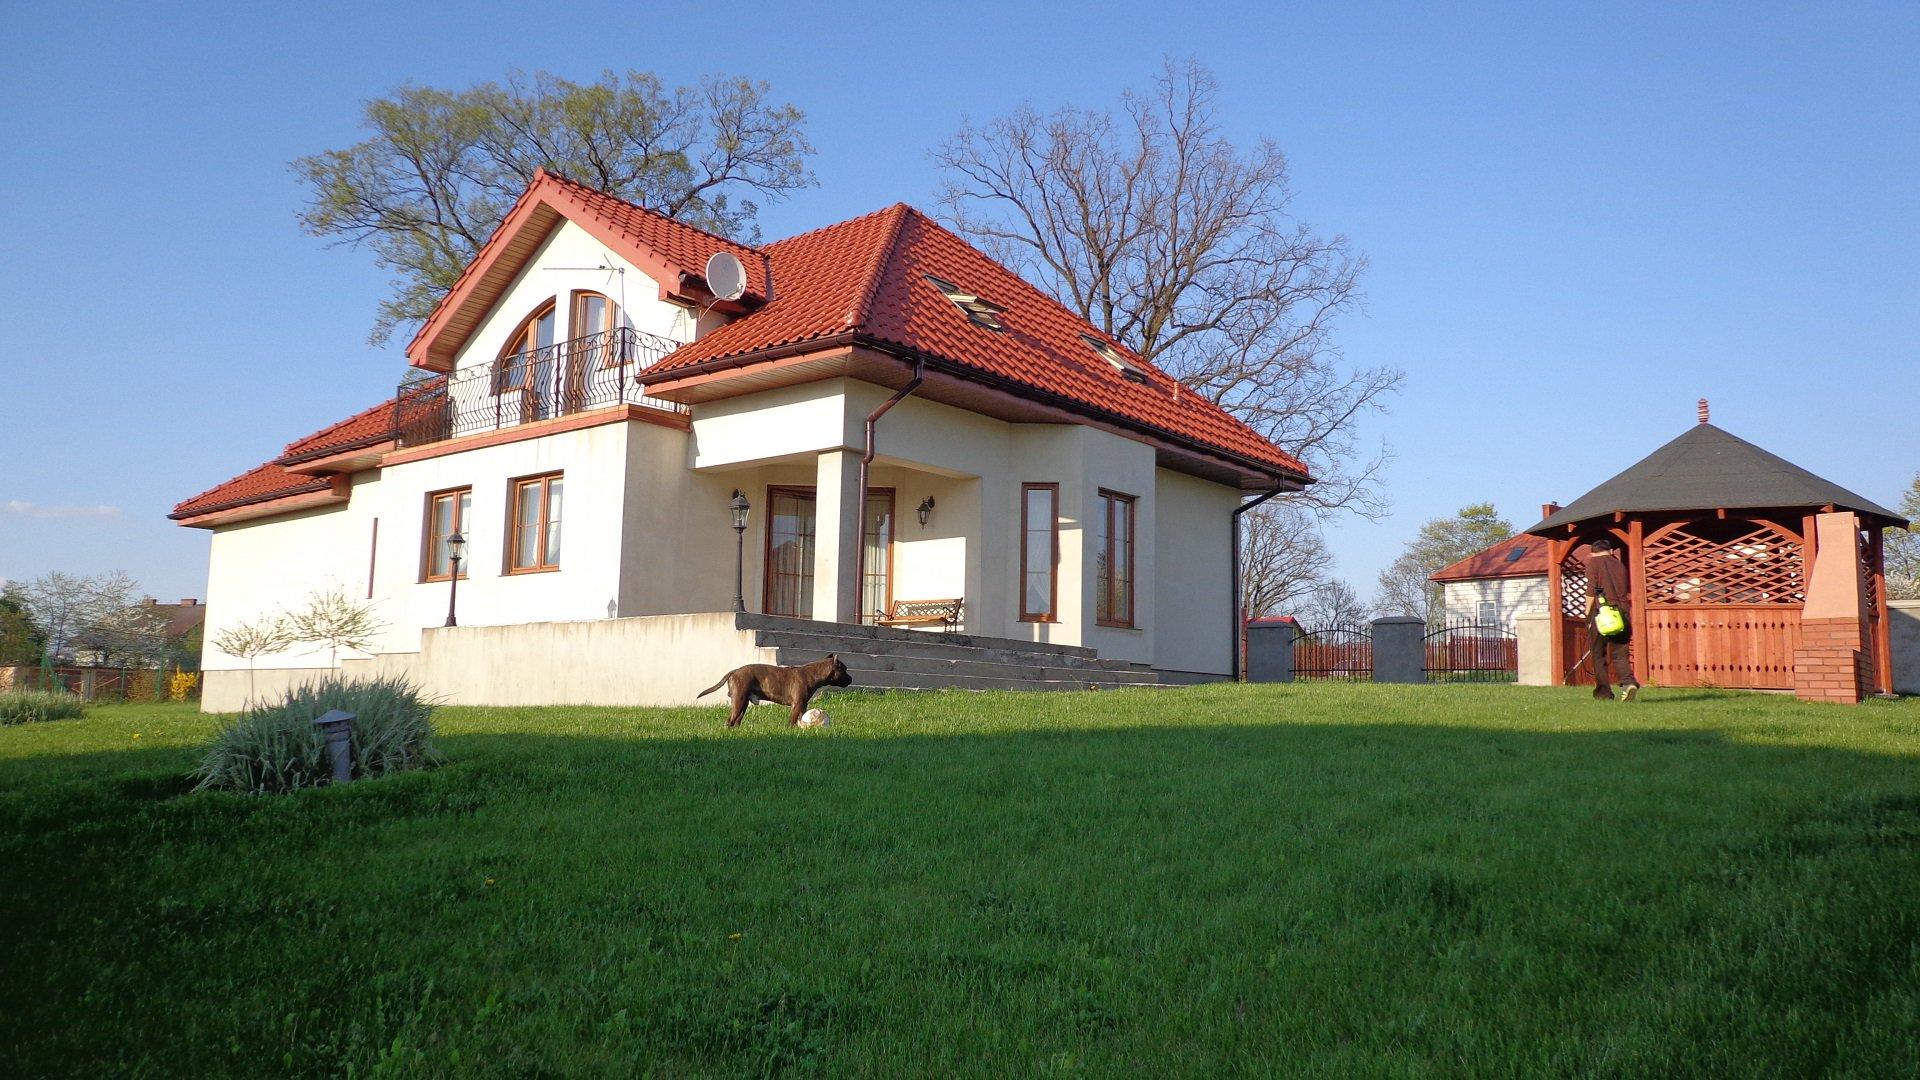 damian-augustynowicz-1385585620_1167.jpg